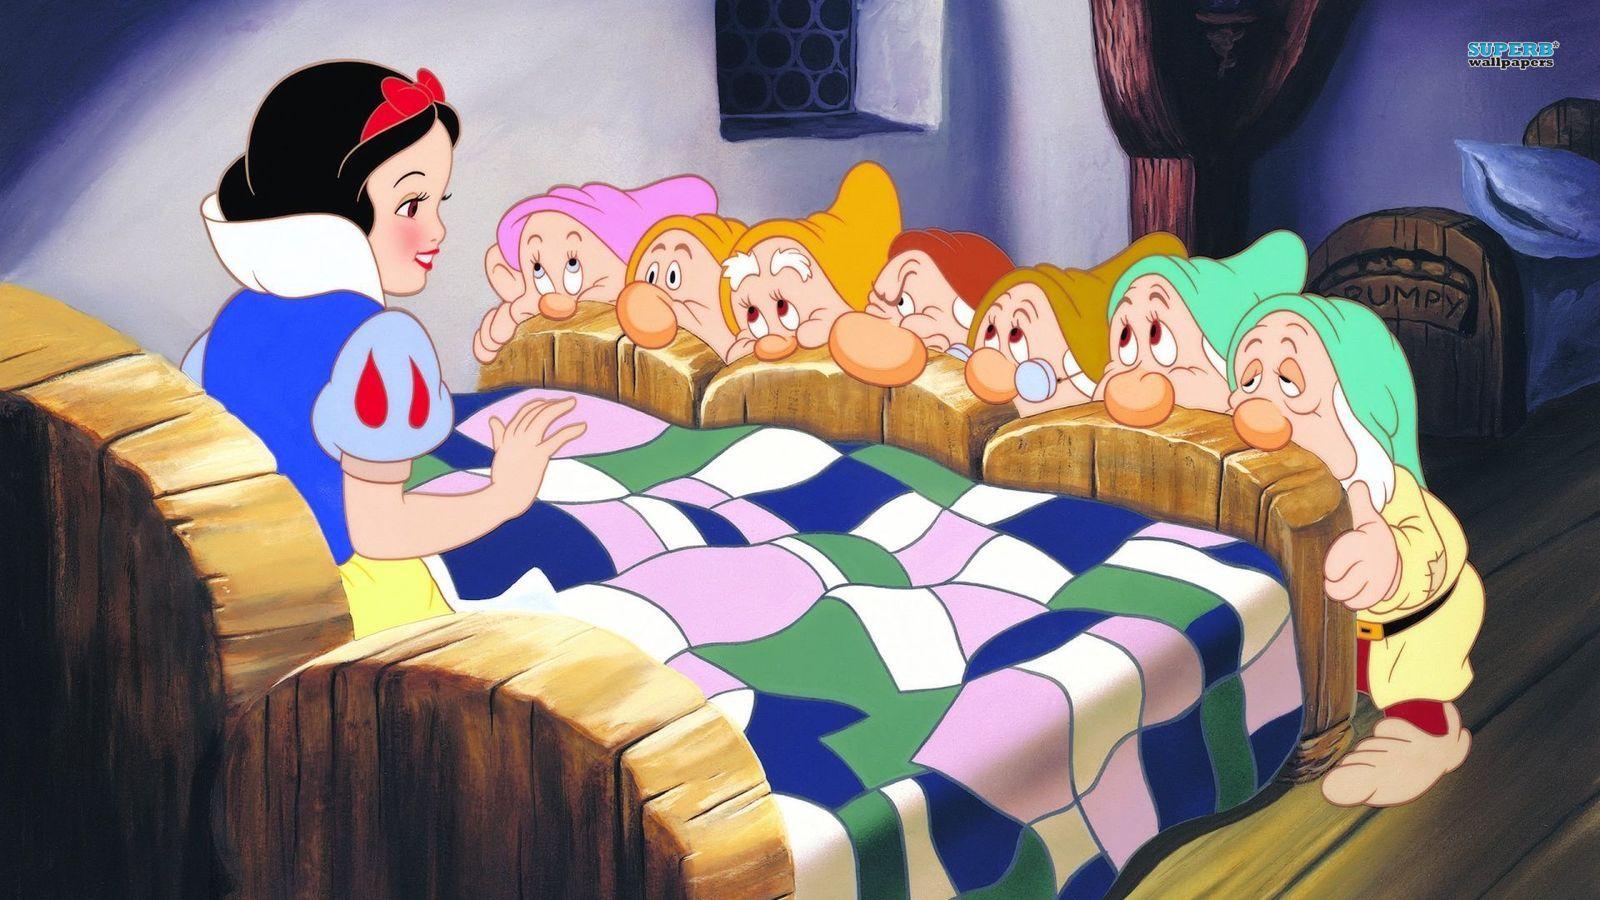 Disney images putri salju dan tujuh kurcaci hd wallpaper and background photos